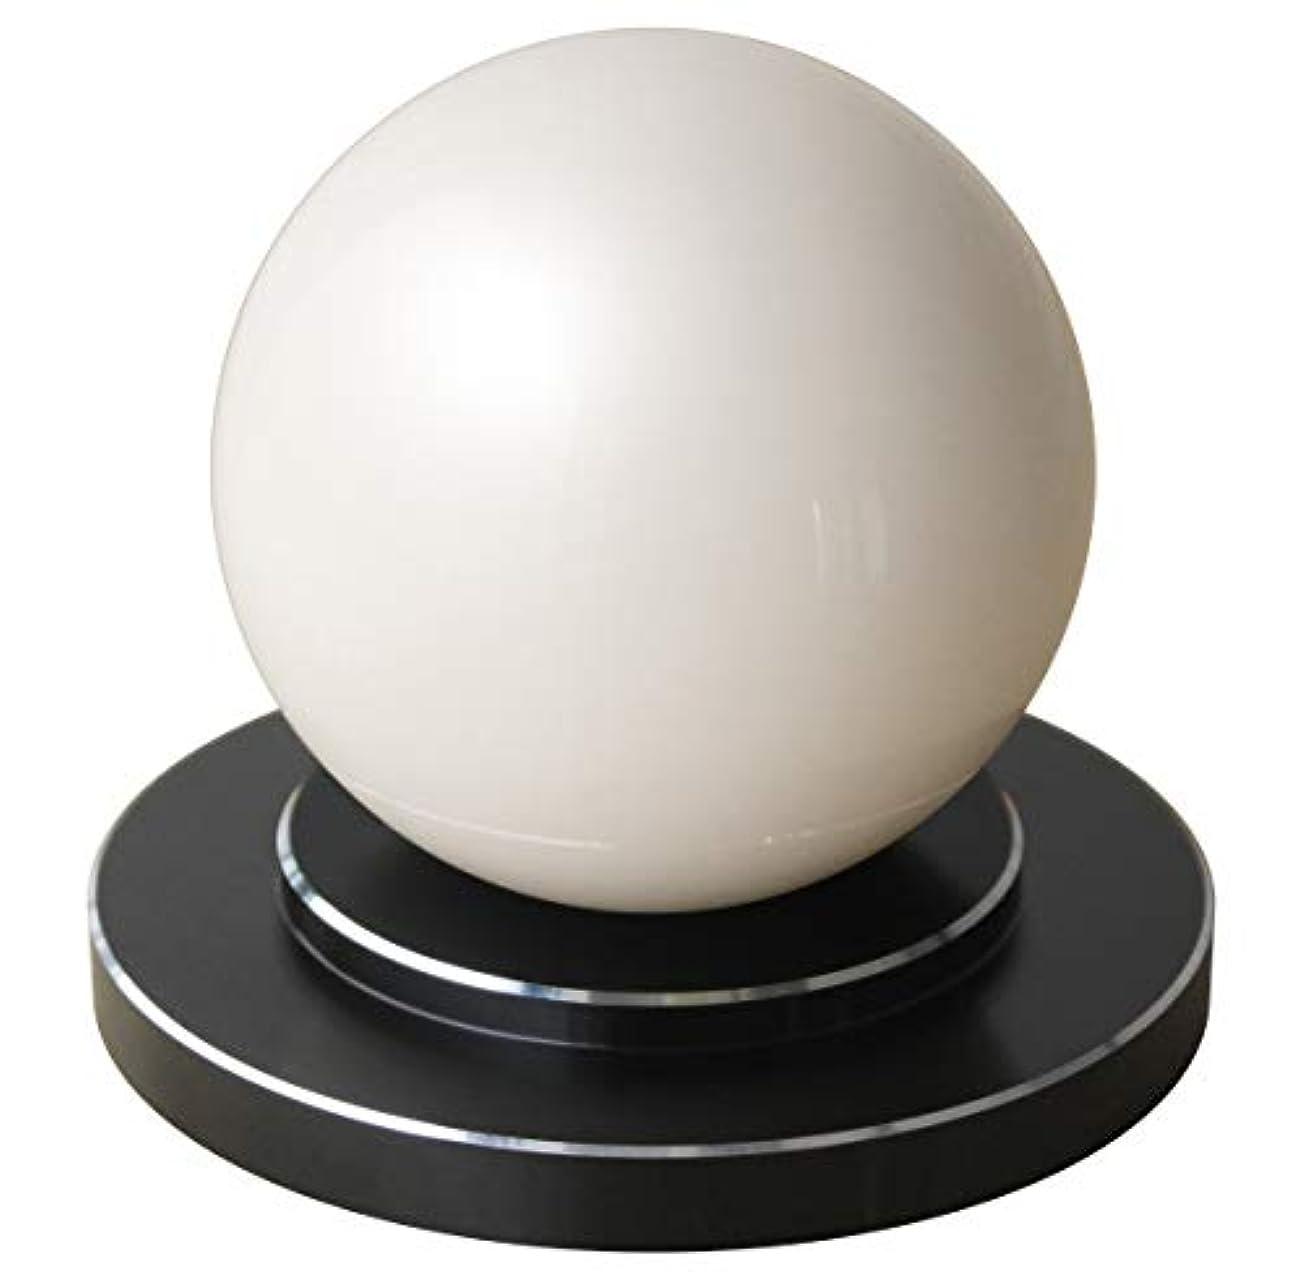 母開拓者吹きさらし商品名:楽人球(らくときゅう):インテリアにもなるスタイリッシュな指圧器。光沢のある大きな球体。美しさと指圧の実力を兼ね備えた全く新しいタイプの指圧器。筋肉のこりをほぐし、リラックスできる。 【 すごく効く理由→一点圧により指圧位置の微調整が可能。大きな球体(直径75mm)により身体にゆるやかに当たる。硬い球体により指圧部位にしっかり入る。球体と台座が分離することにより、頭、首、肩、背中、腰、胸、腹、お尻、太もも、ふくらはぎ、すね、足裏、腕、身体の前面も背面も指圧部位ごとに使いやすい形状と使用方法(おす?さする?もむ?たたく)を選択可能。】楽人球の「特徴?使用方法?使用上のご注意」に関しての詳細は株式会社楽人のホームページへ→「楽人球」で検索。指圧 指圧器 指圧代用器 整体 マッサージ マッサージ器 ツボ押し ツボ押しグッズ つぼおし つぼ押し 肩こり 腰痛 こりほぐし インテリア